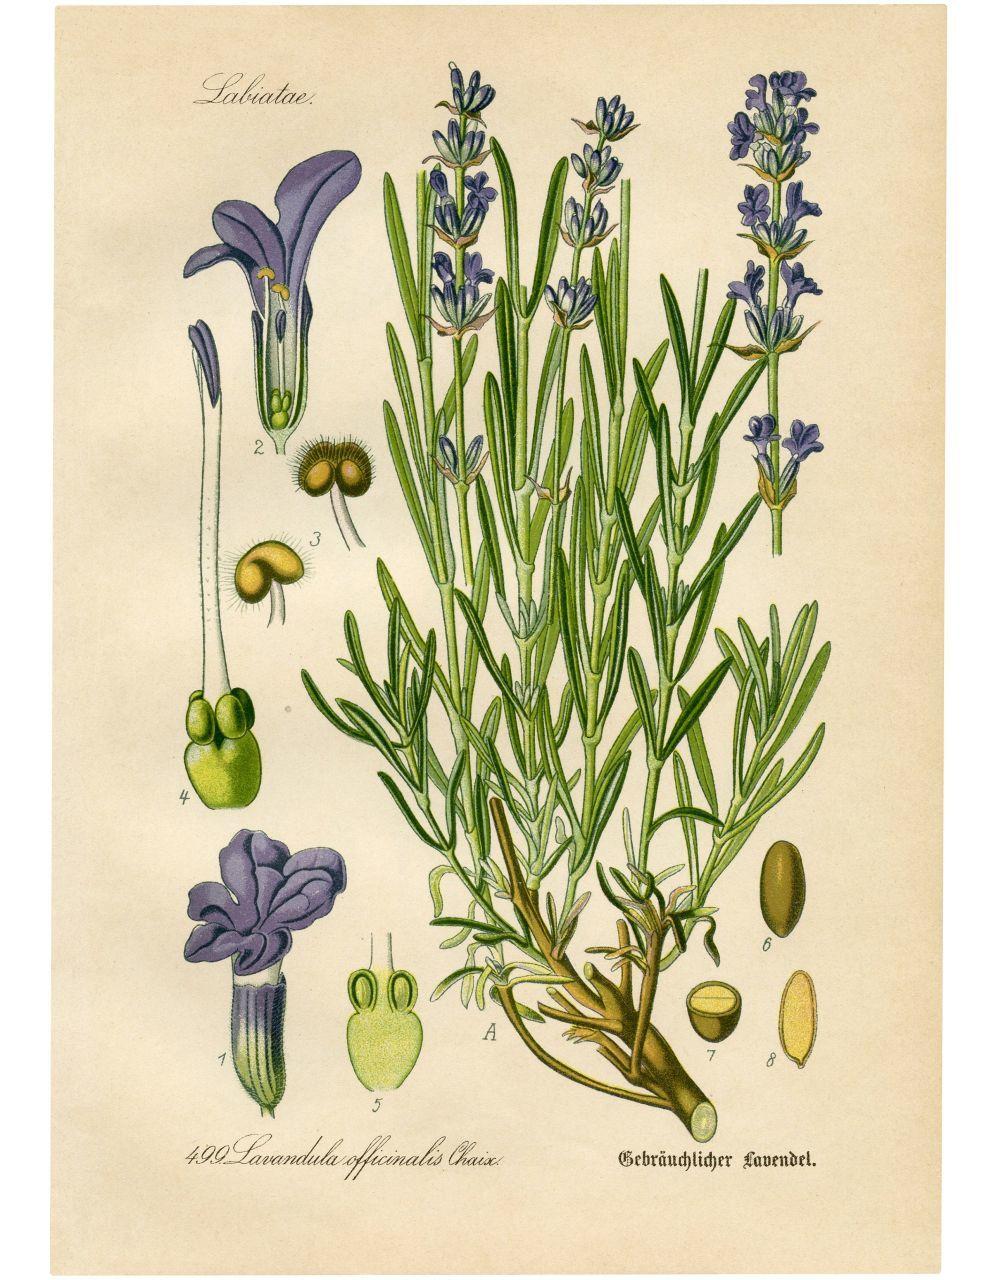 雨降りなのでネット美術館で古い植物画鑑賞_c0025115_22280240.jpg